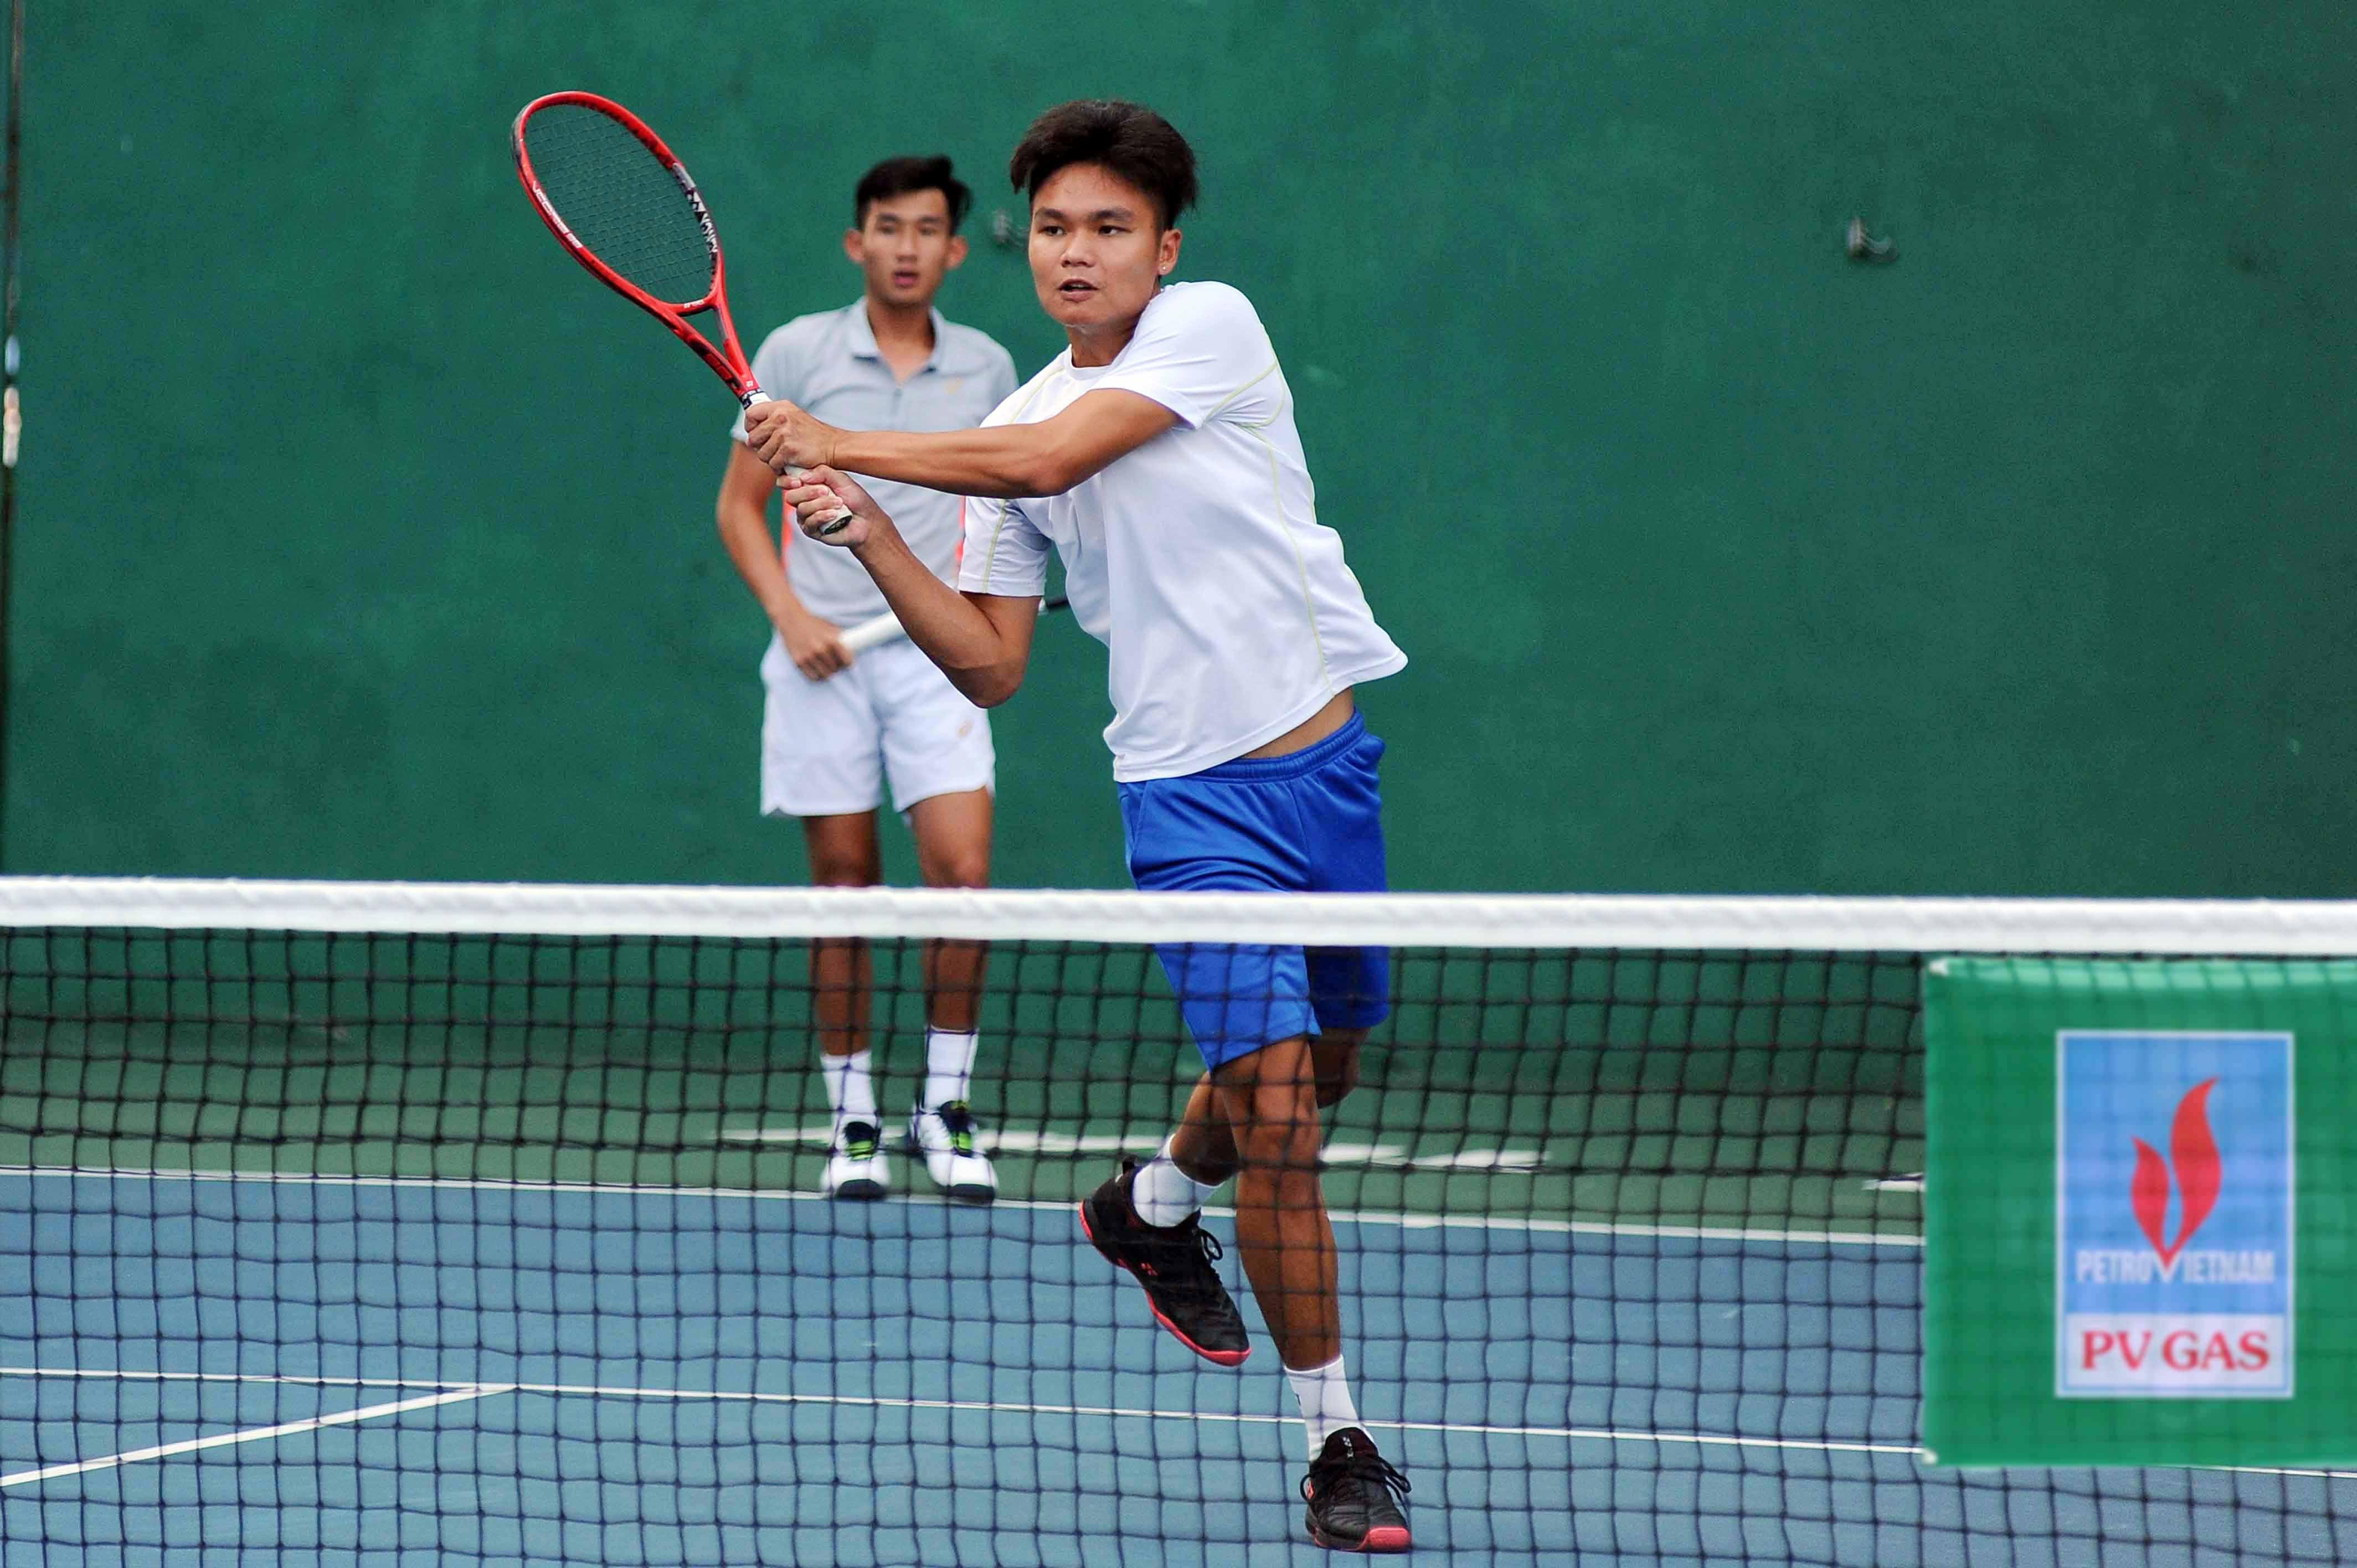 Hình ảnh: VTF Masters 500 – 2 – Lach Tray Cup 2020: Vua đánh đôi tăng sức mạnh cùng tay vợt số 1 Việt Nam số 2